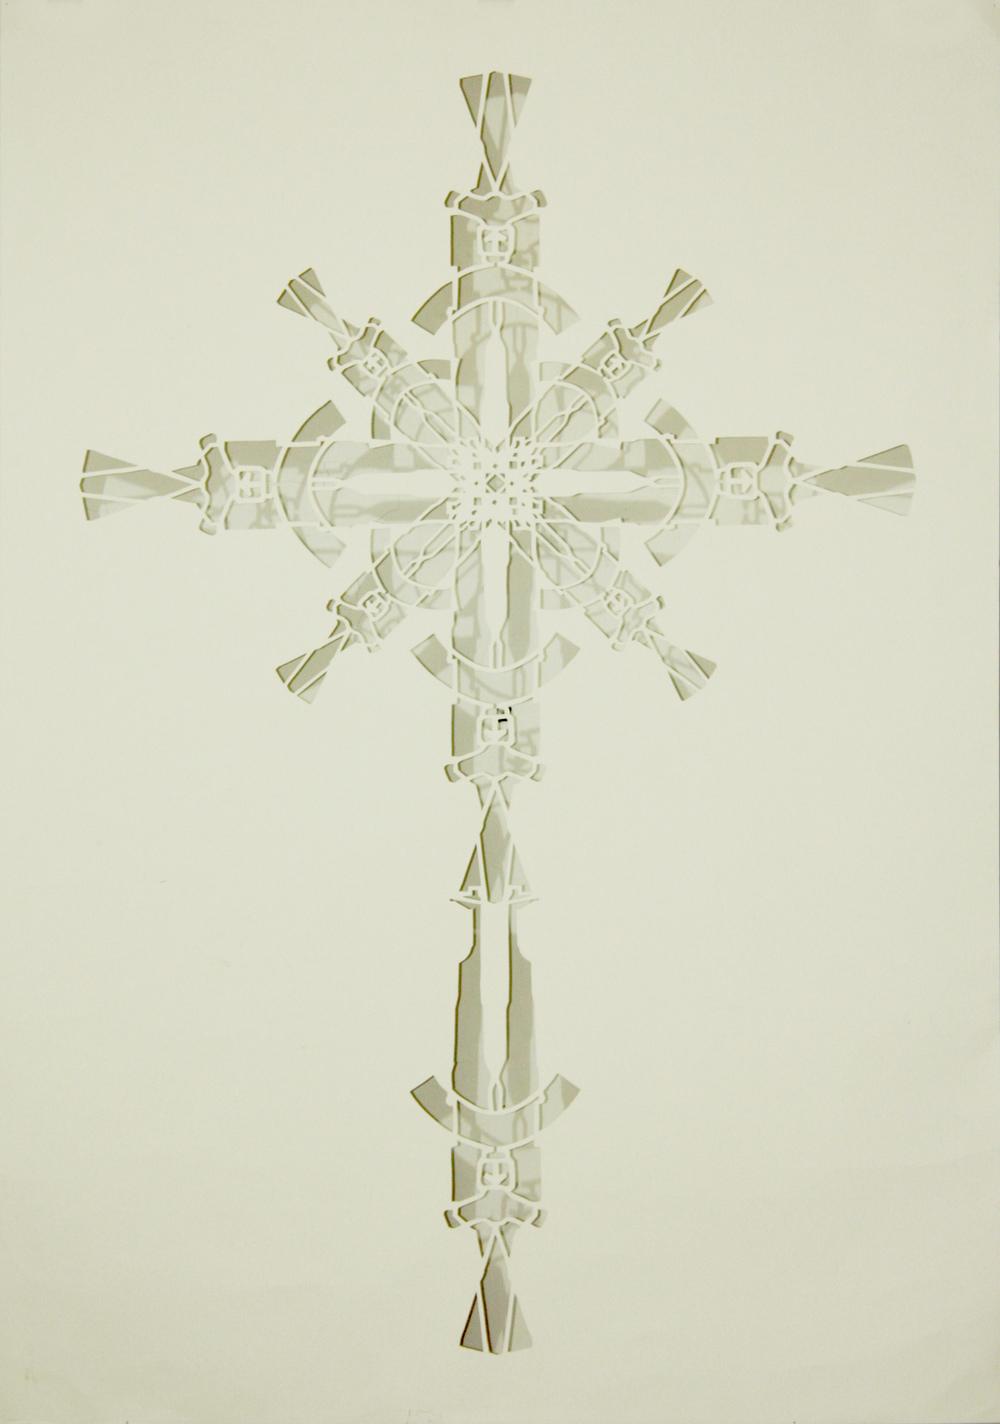 Bellum sacrum (white)-paper cutting manual-70x99cm-2013-mujahidin nurrahman.jpg